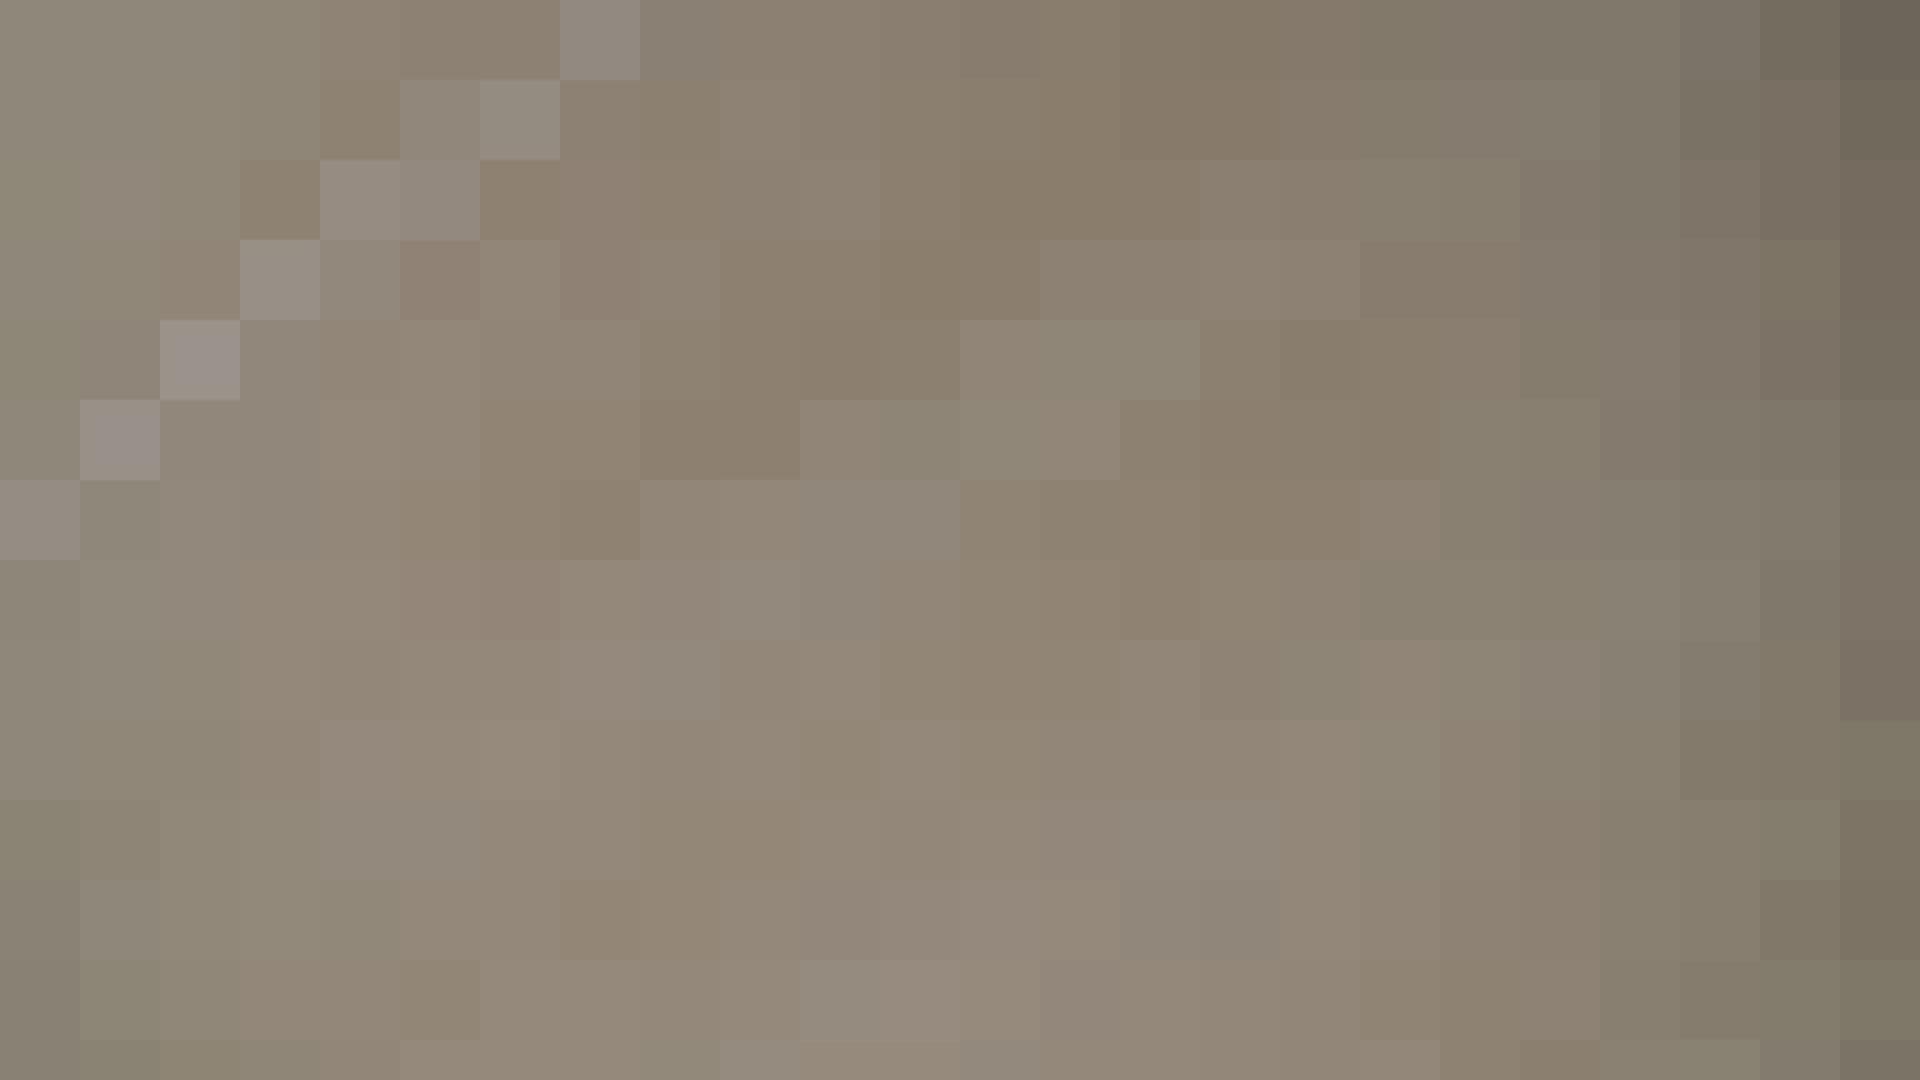 阿国ちゃんの「和式洋式七変化」No.16 和式で踏ん張り中  96連発 76